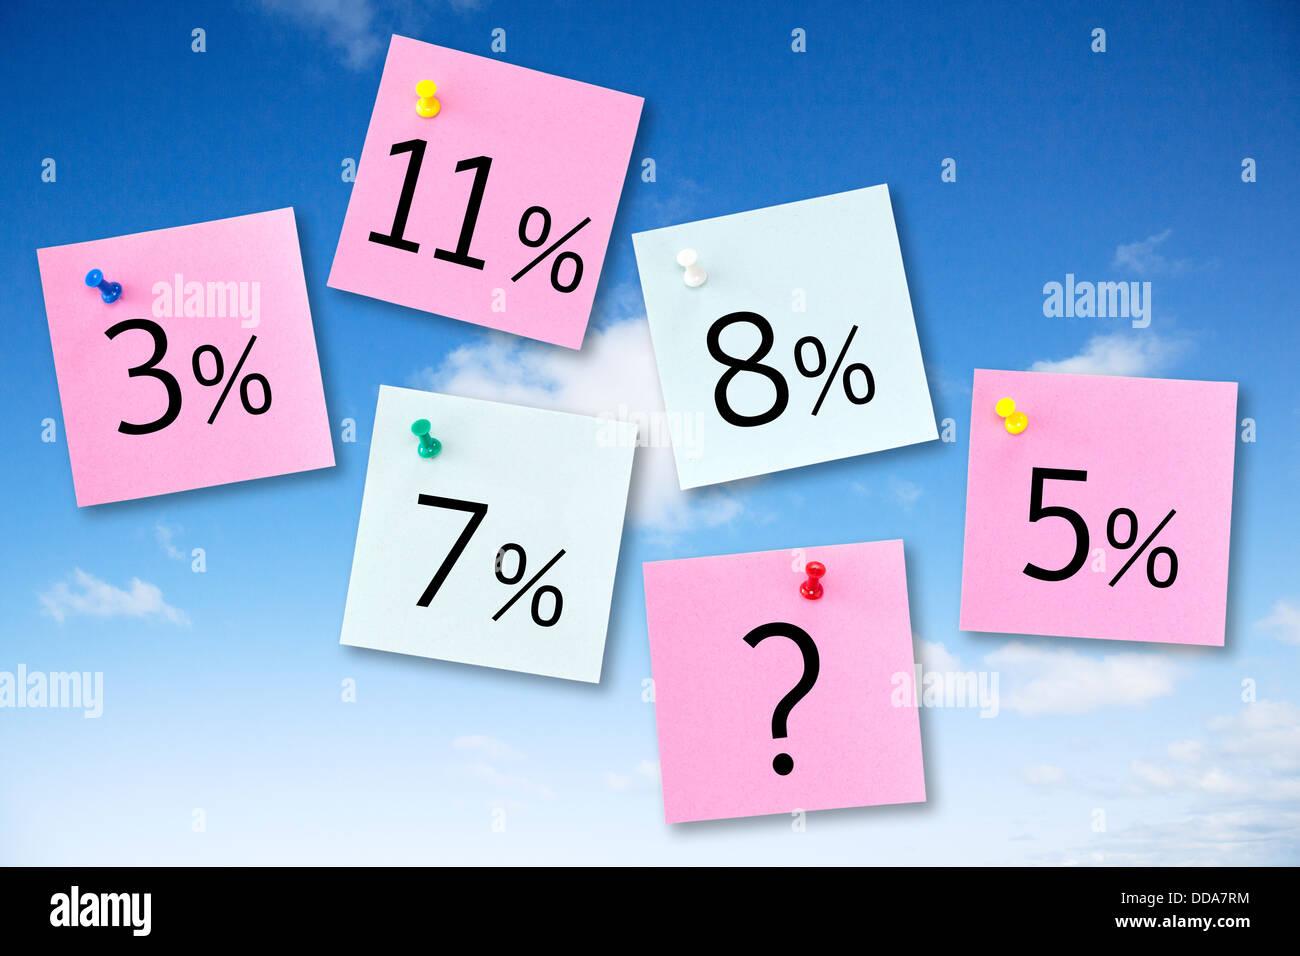 Zinsen-Konzept - Hinweise zum Himmel zeigt verschiedene Interesse oder Hypothekenzinsen und eins mit einem Fragezeichen Stockbild